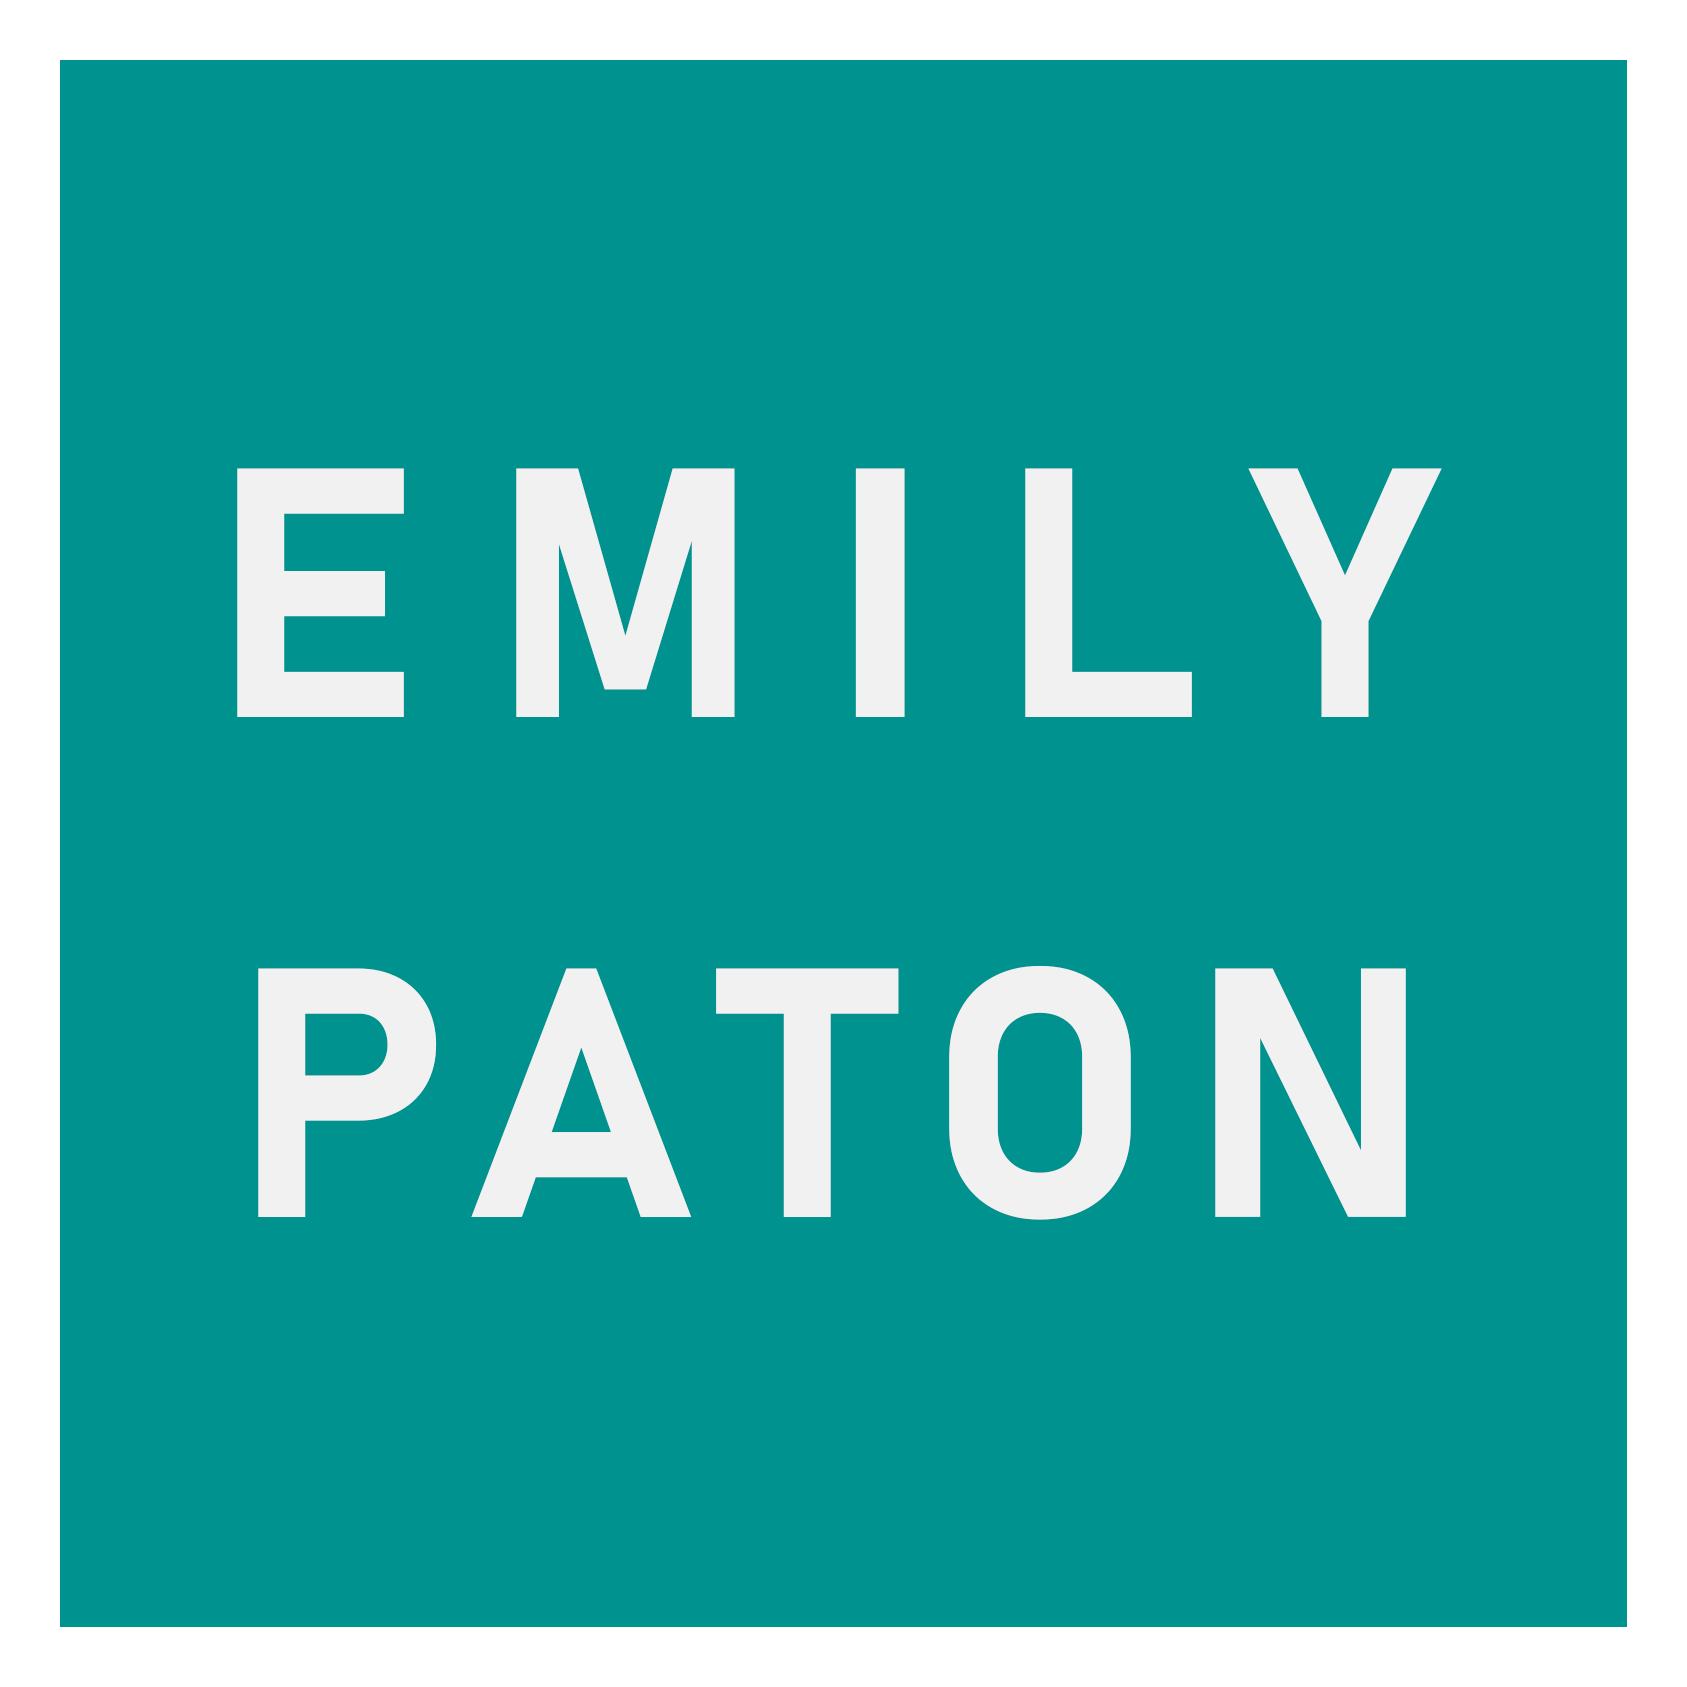 Emily Paton